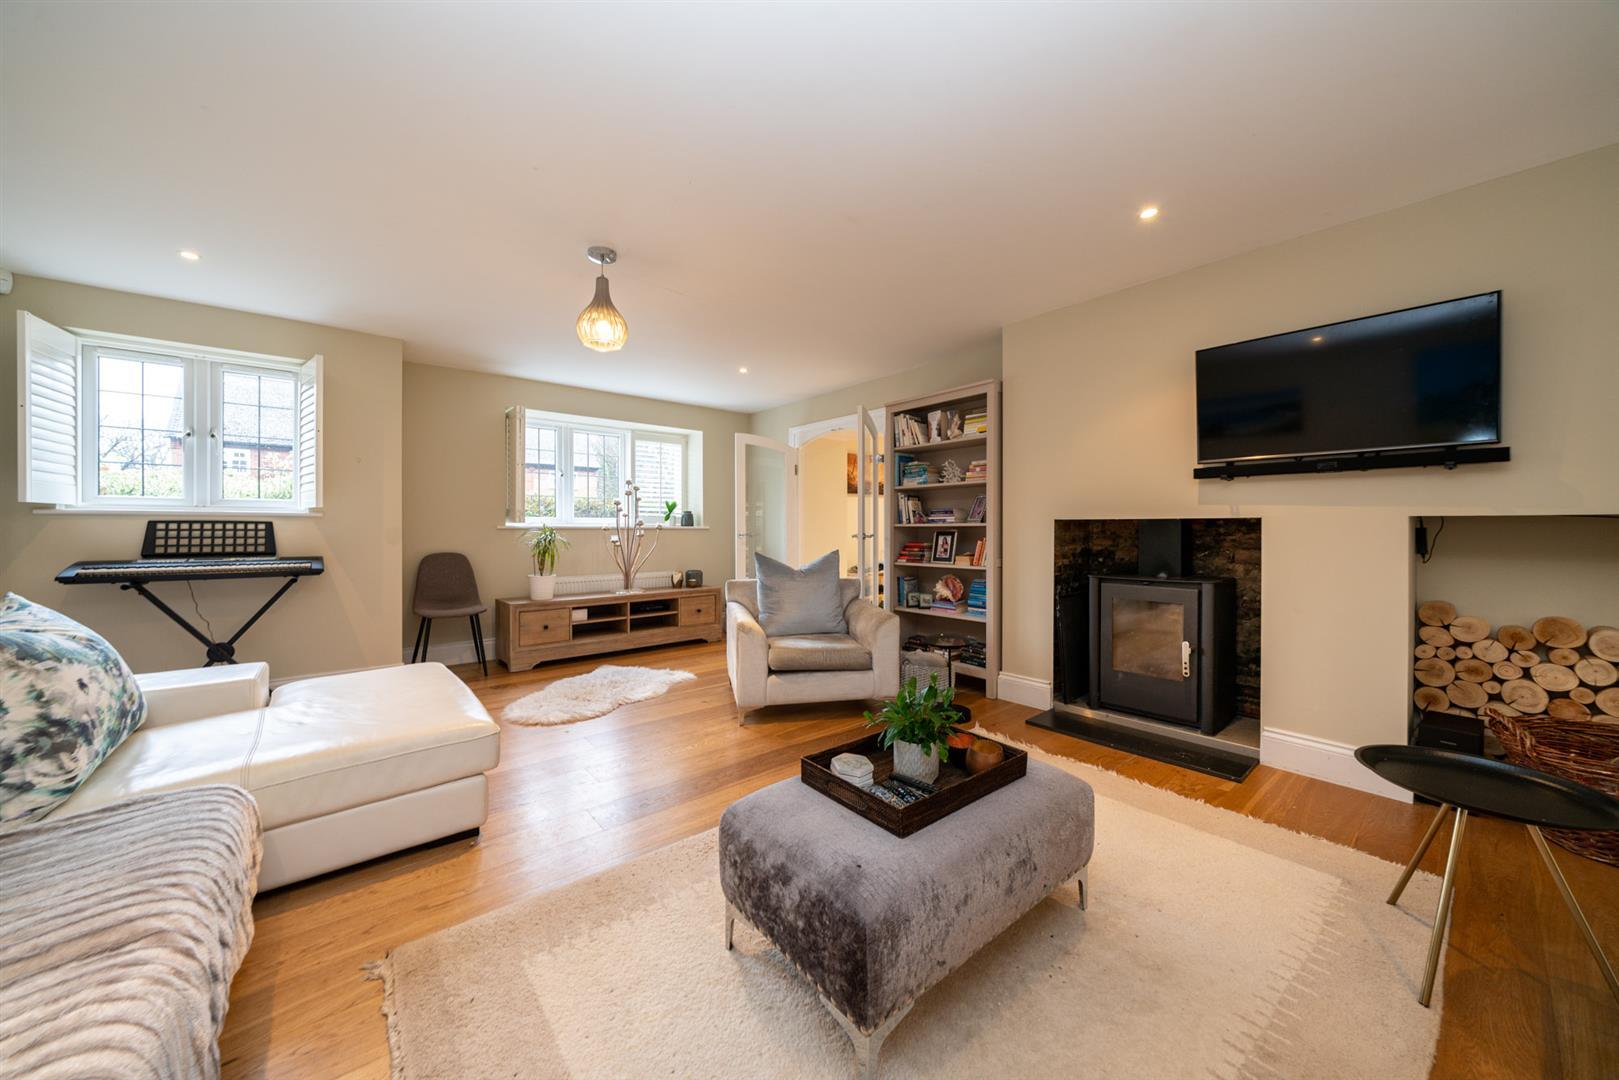 15-Hedgeside-5970 - living room 1.jpg